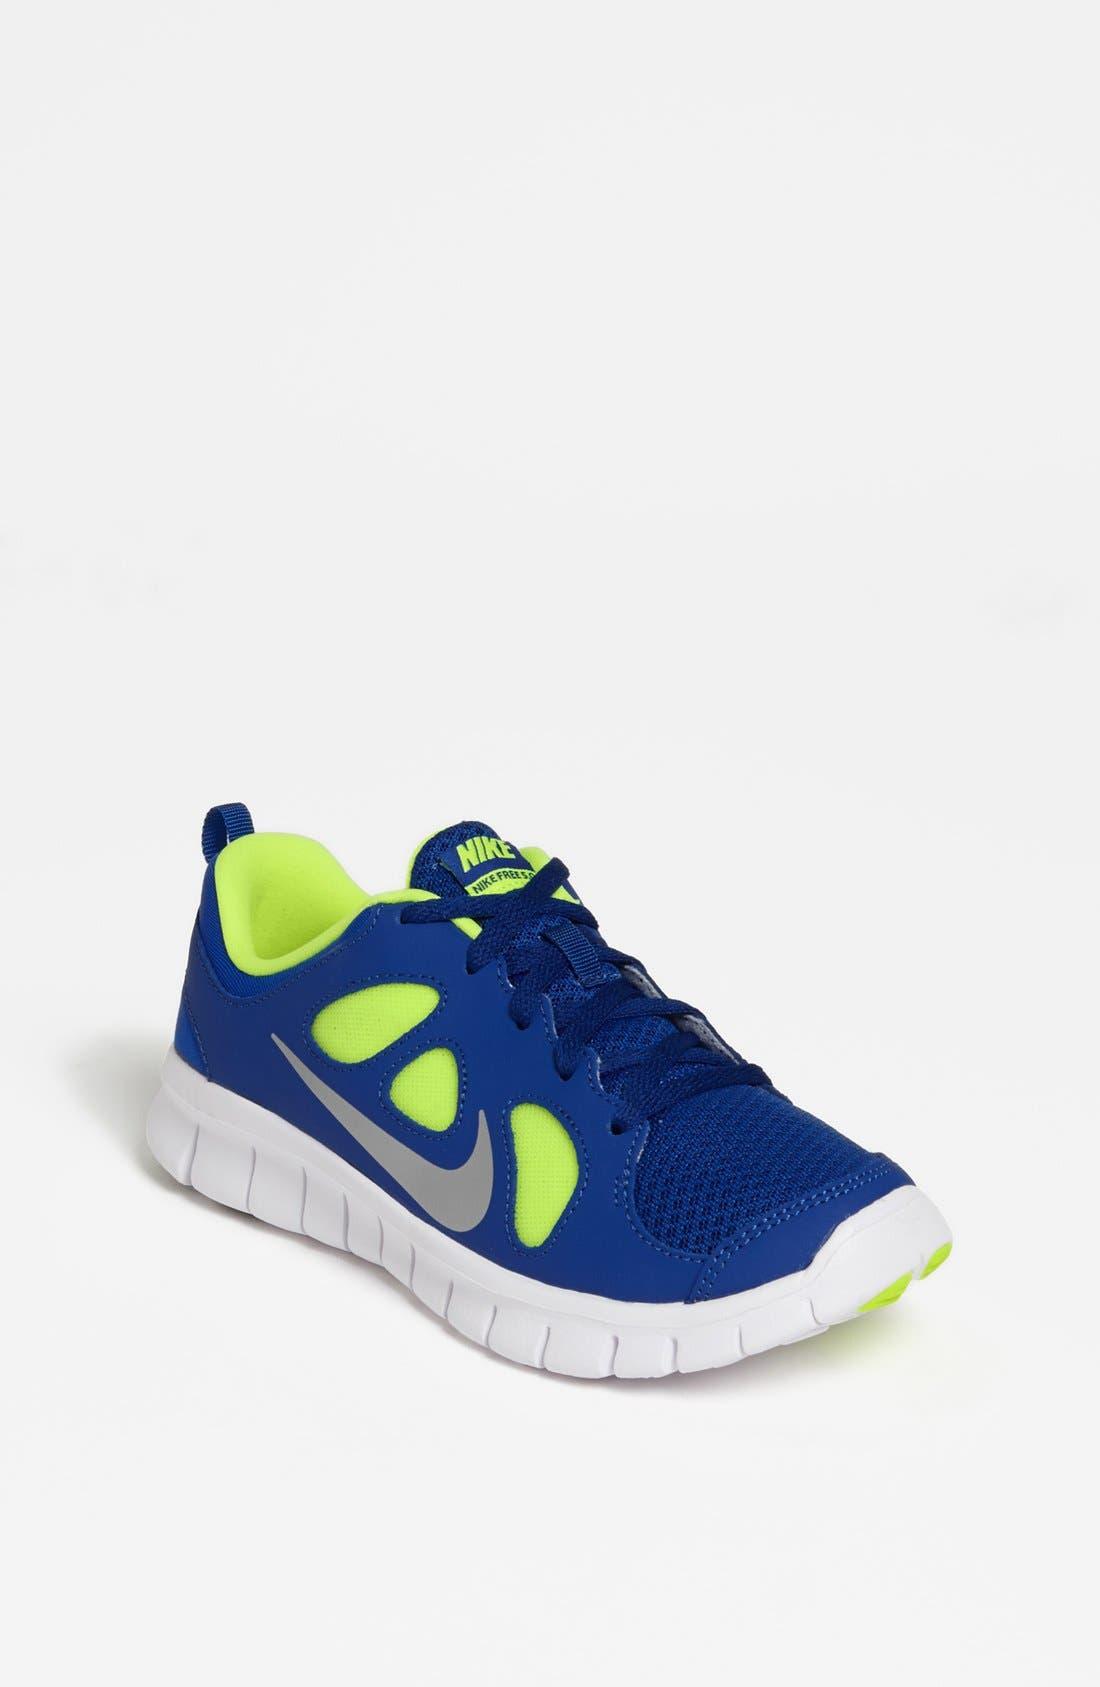 Main Image - Nike 'Free Run 5.0' Running Shoe (Toddler & Little Kid)